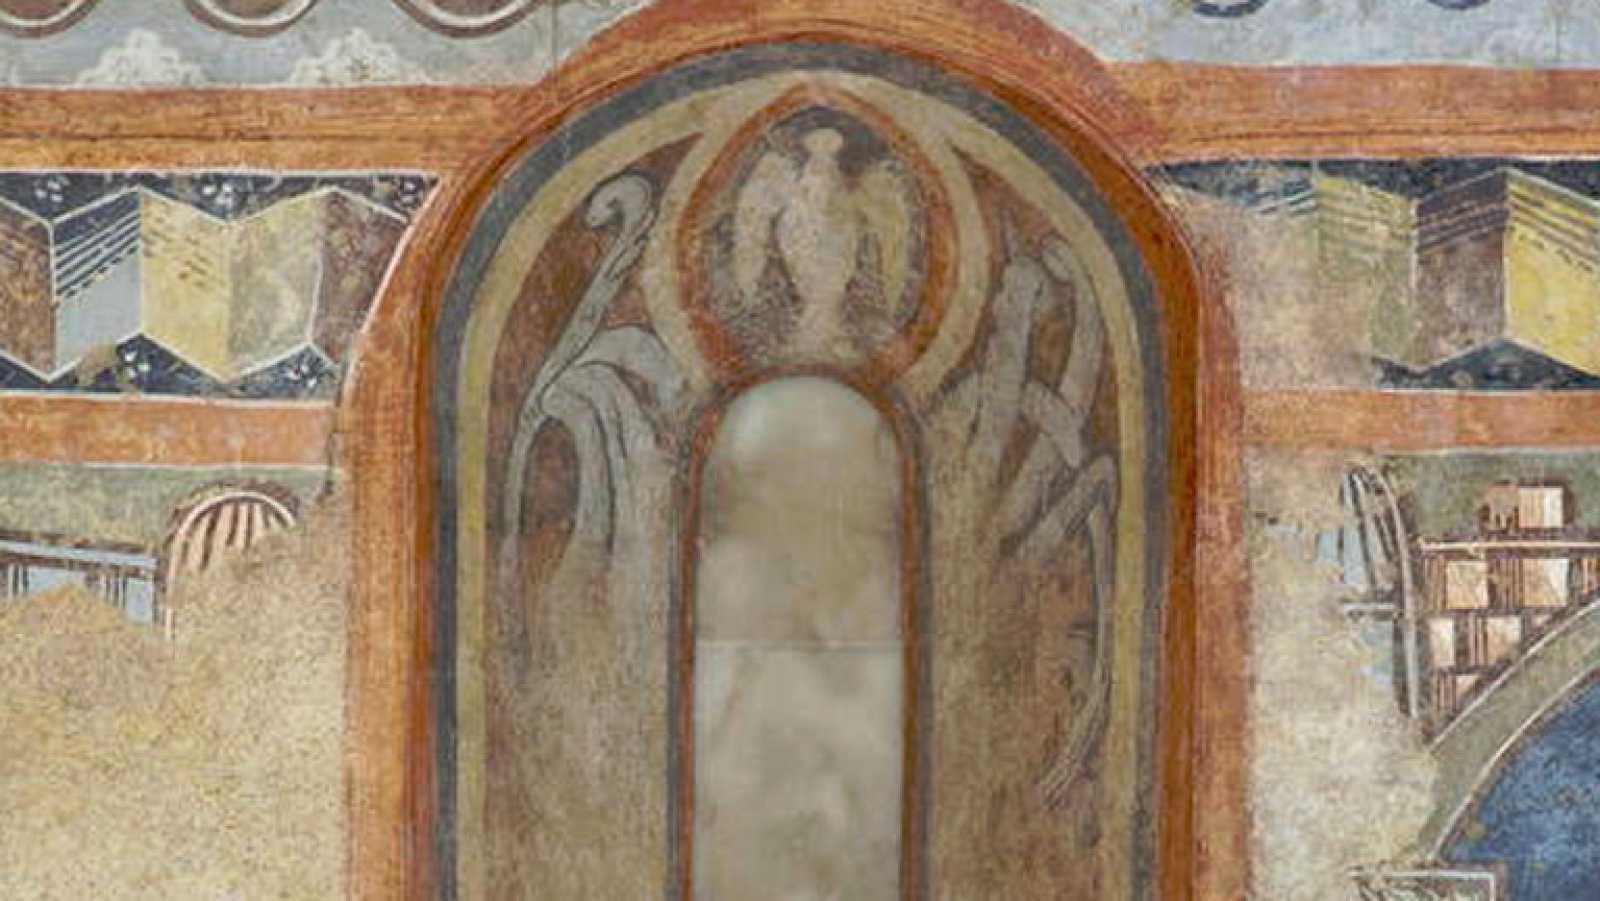 Mirar un cuadro - Ermita de la Veracruz de Maderuelo (Anónimo)